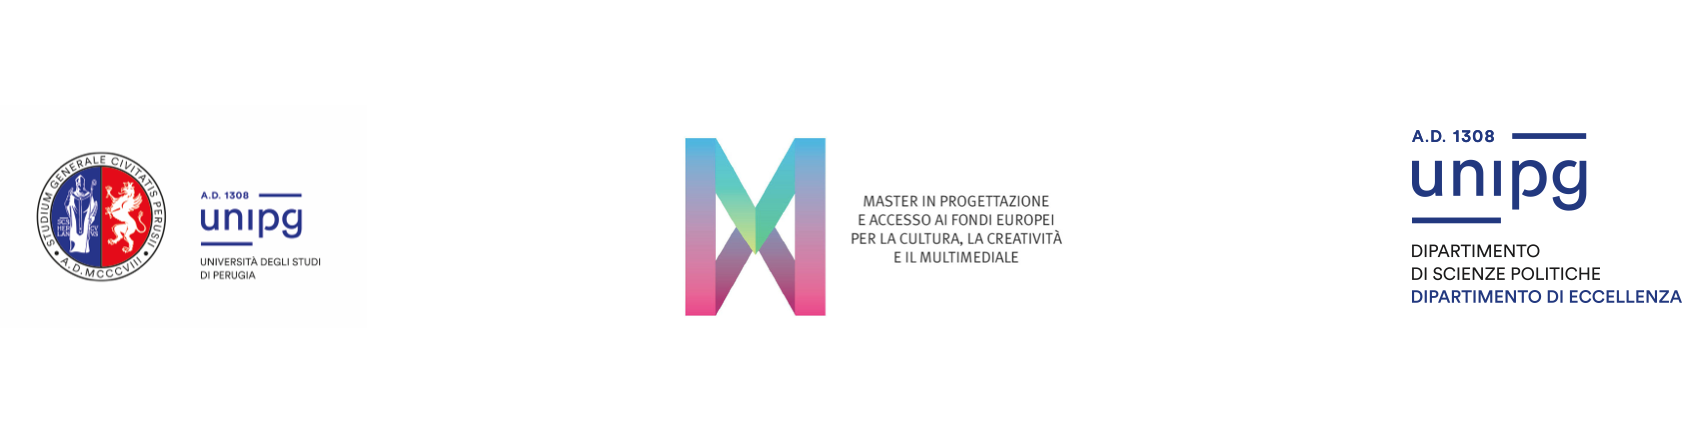 Master in Progettazione e accesso ai fondi europei per la Cultura, la Creatività e il Multimediale